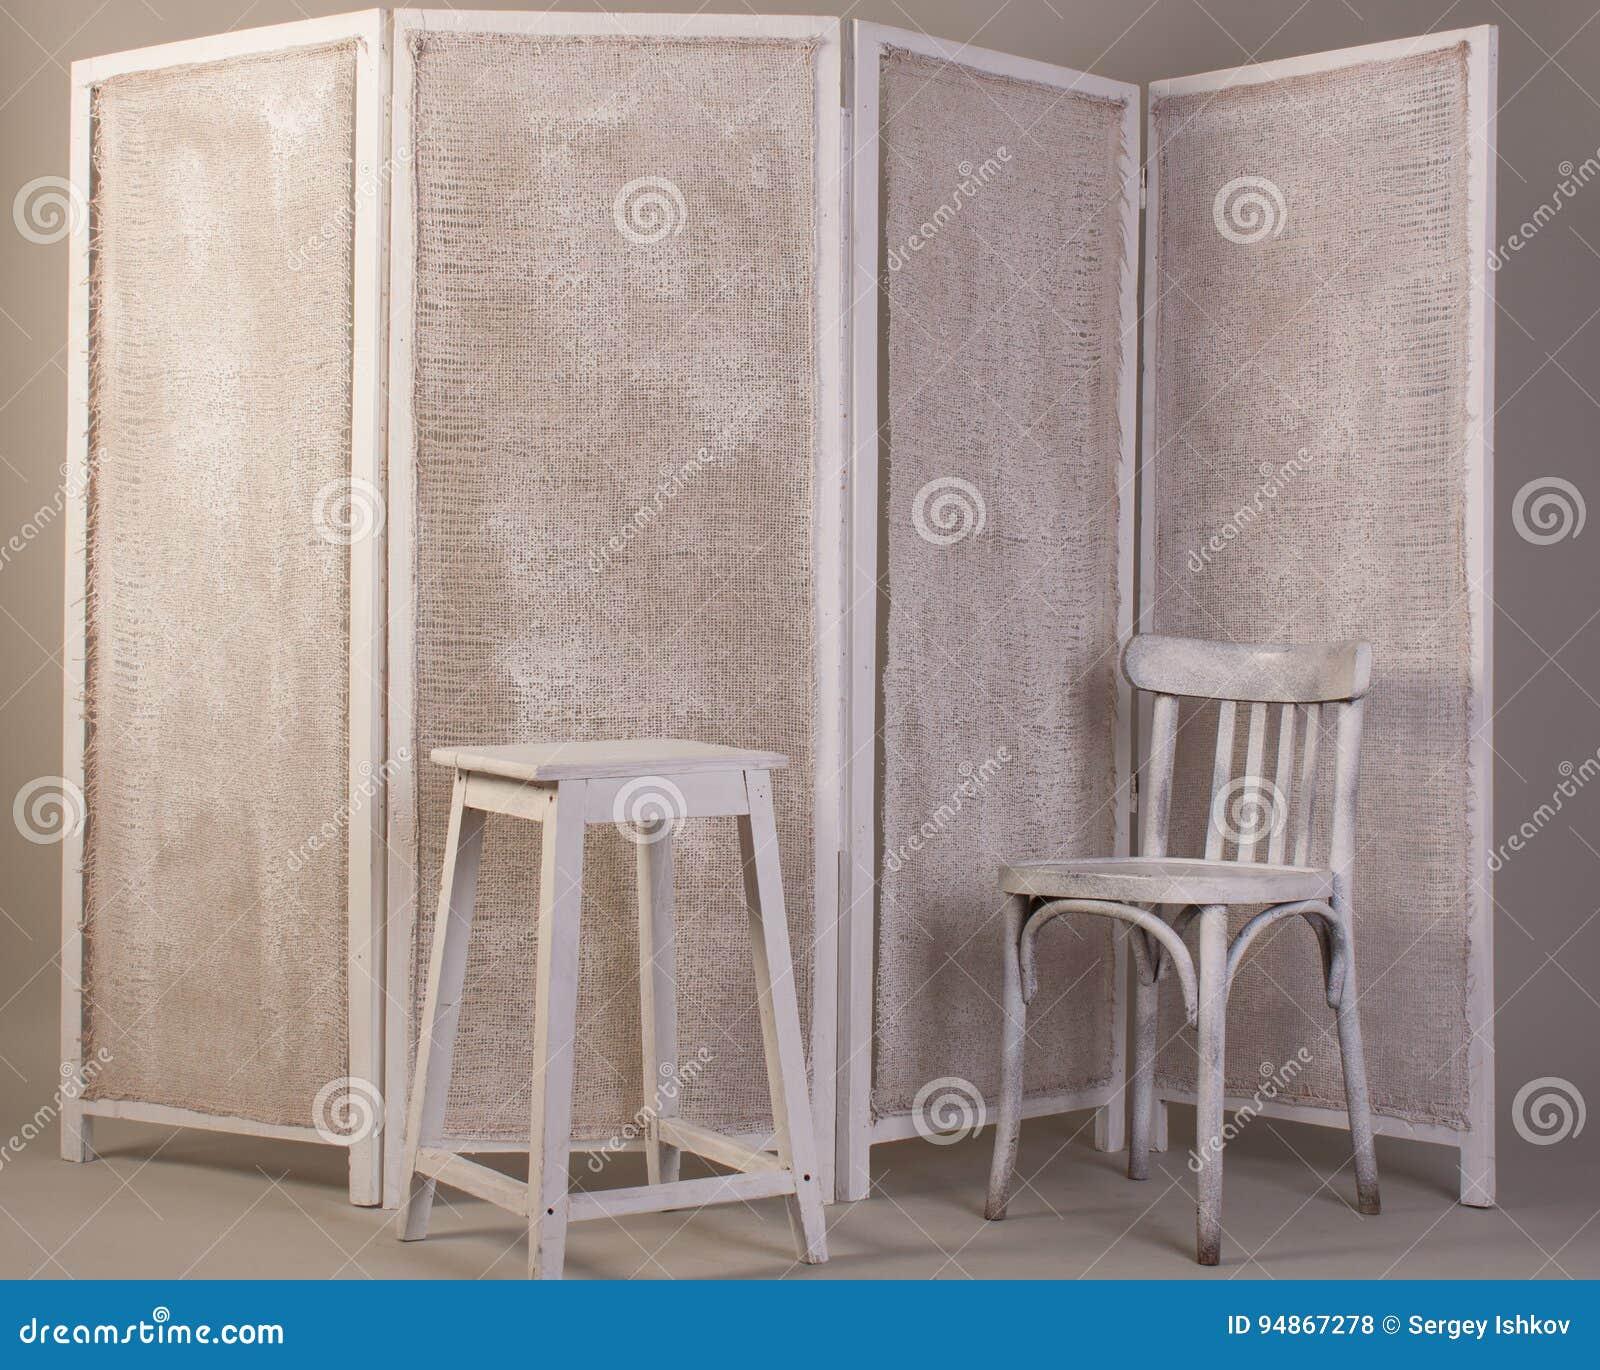 Alter Weißer Holzstuhl Stuhl Und Faltender Faltender Schirm